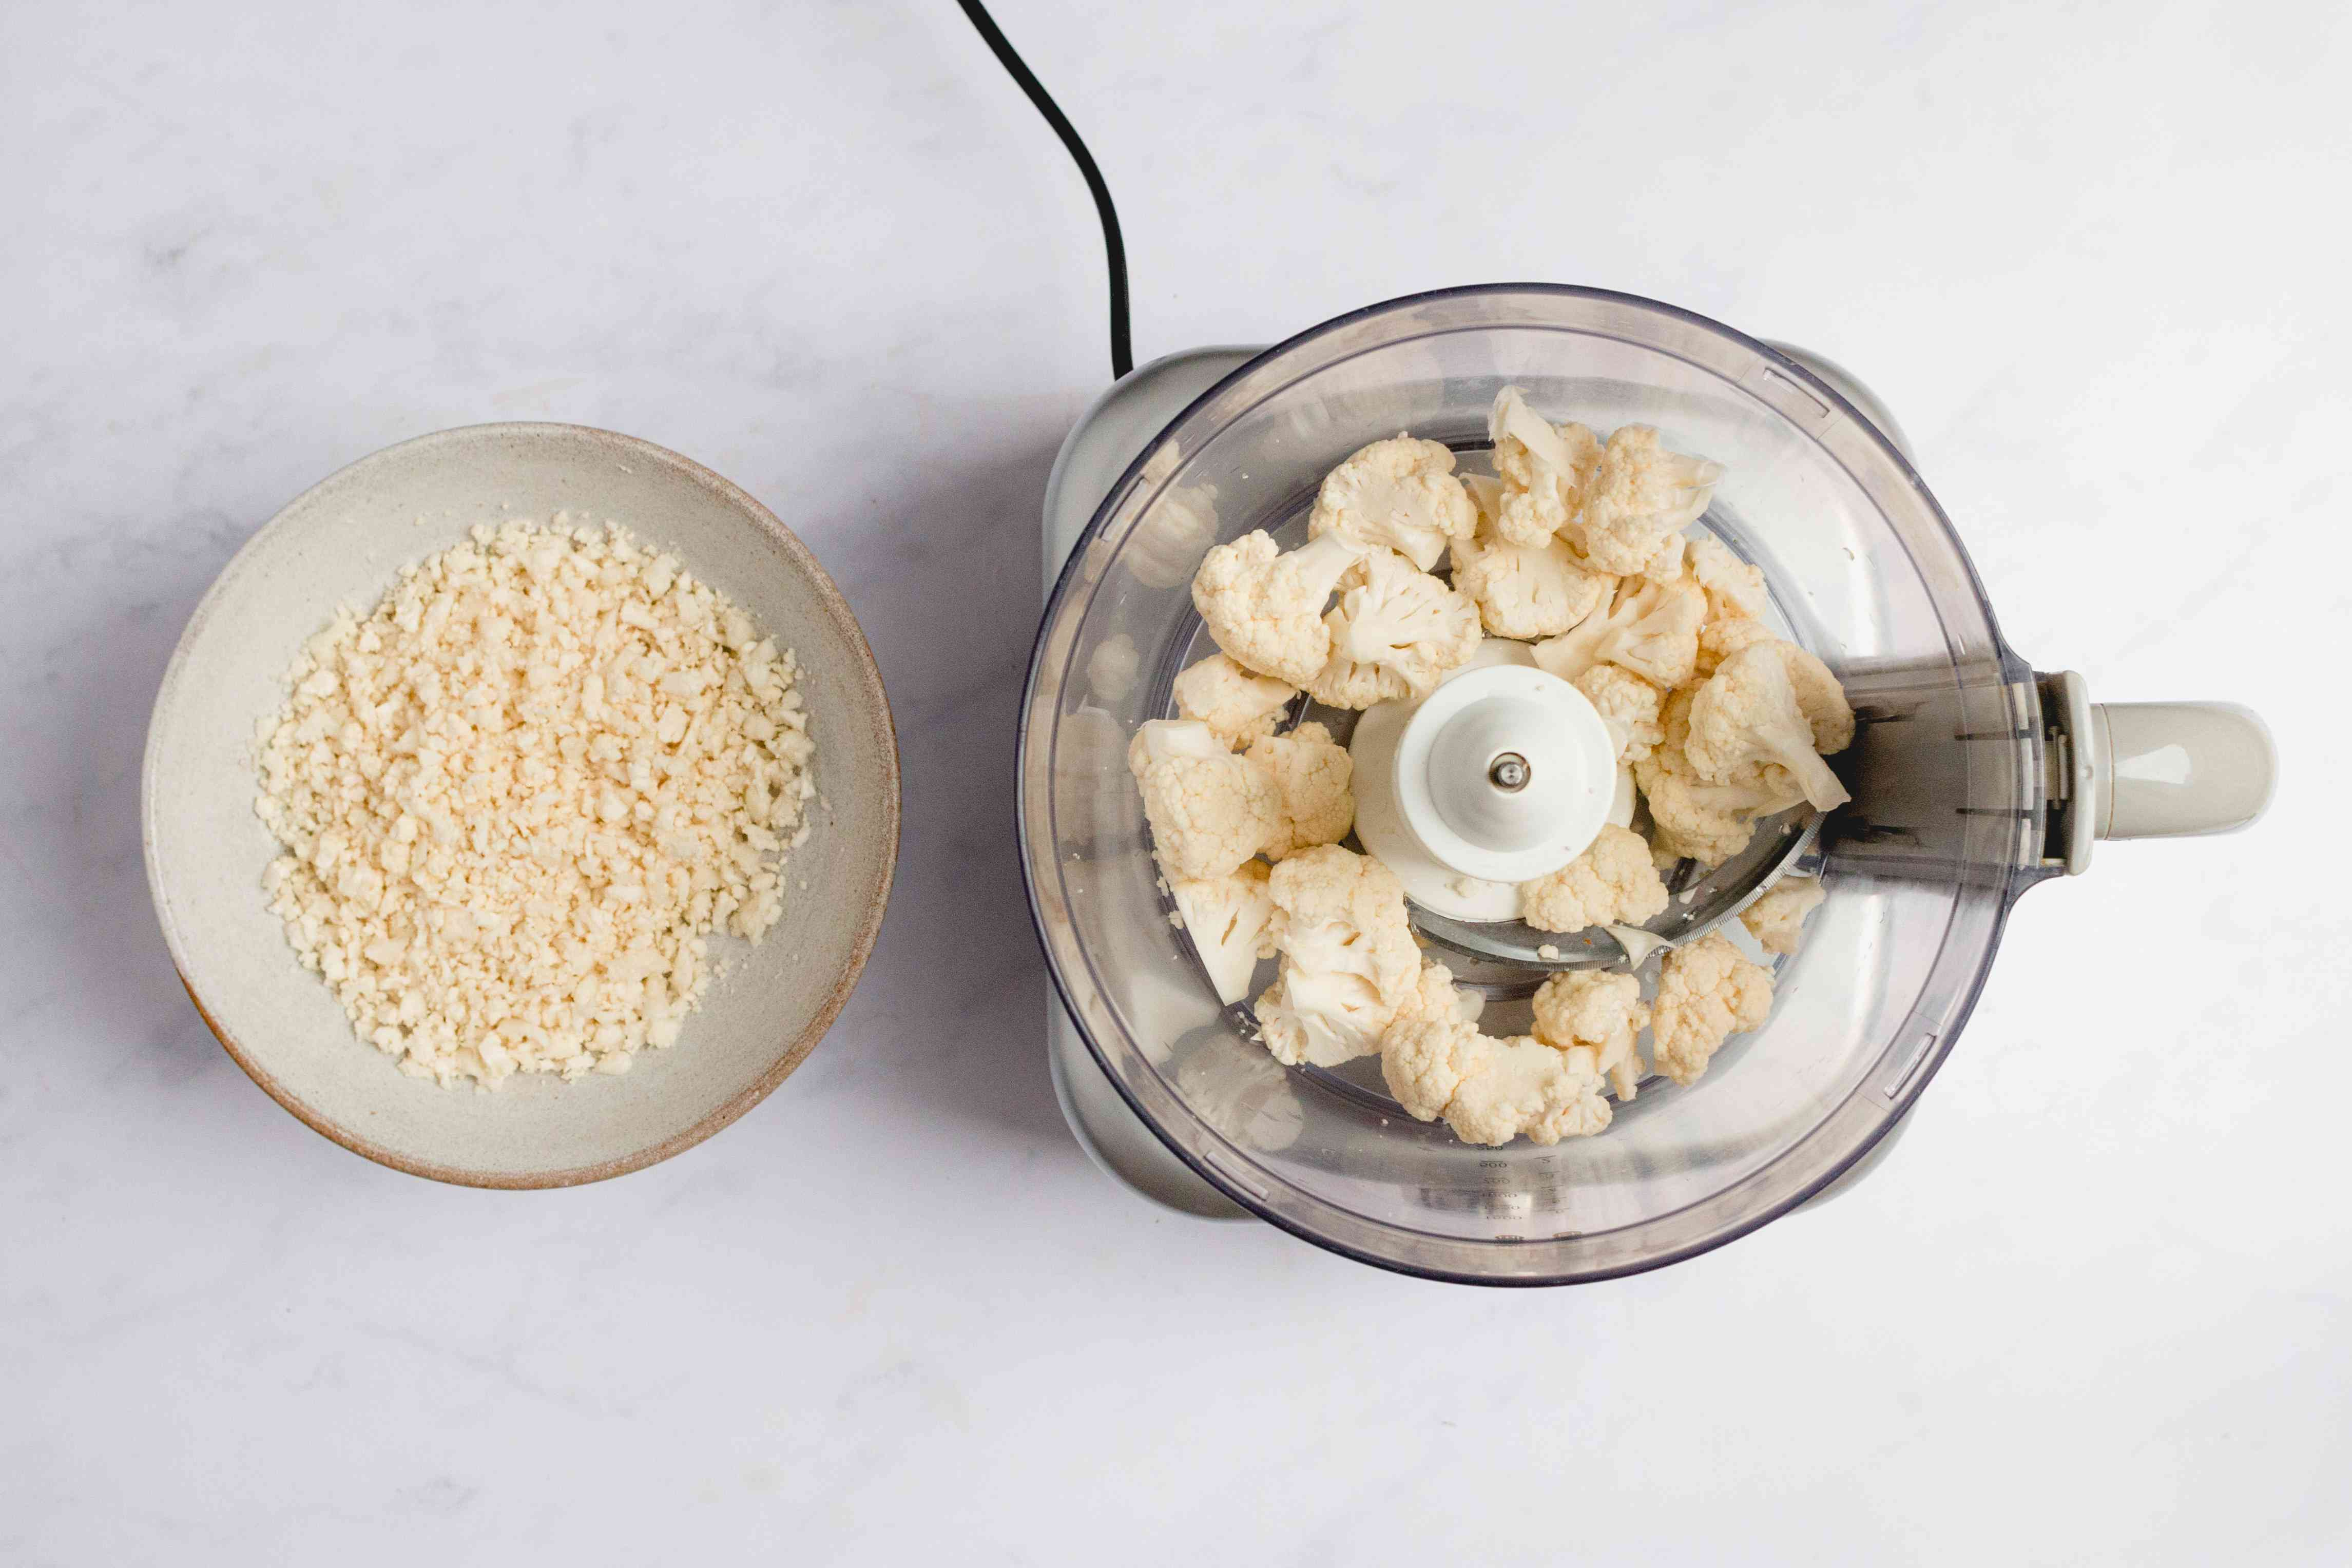 cauliflower in a food processor